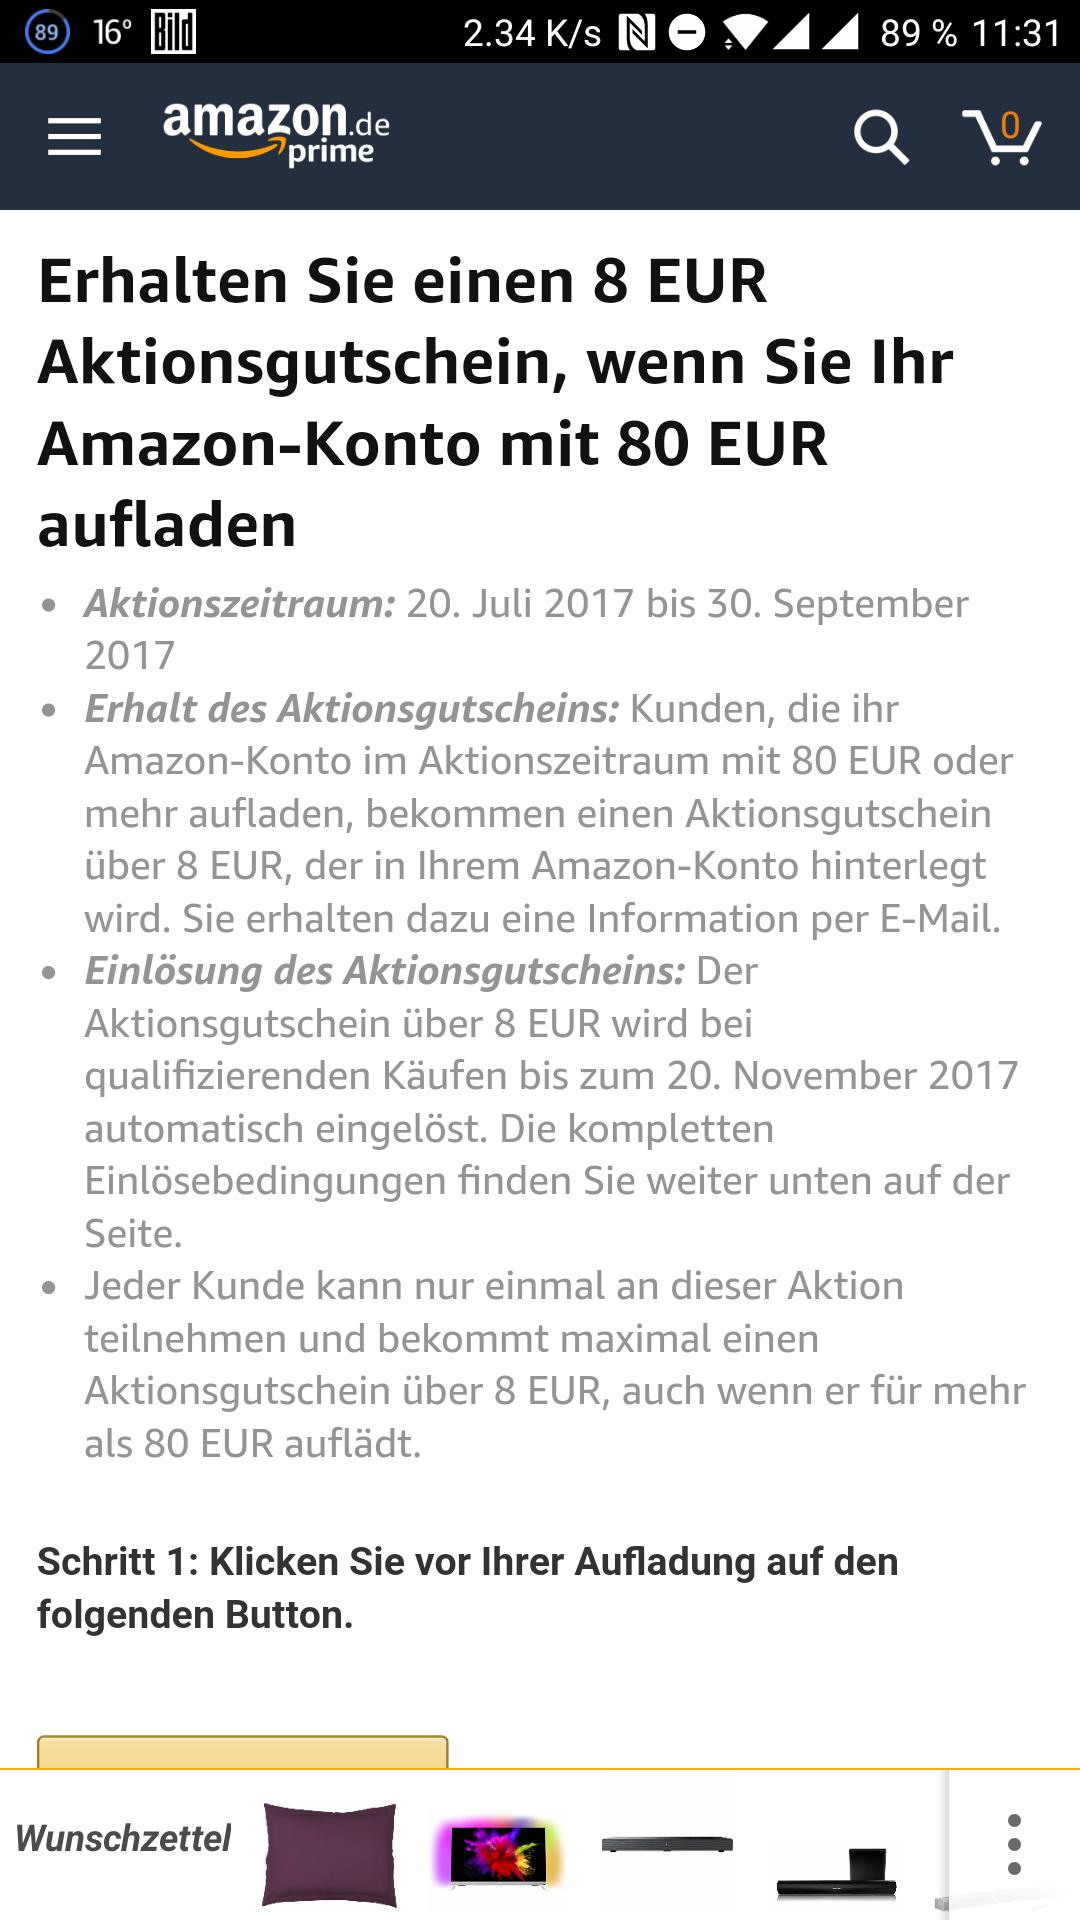 Amazon, 80€ Gutschein kaufen 8€ geschenkt, App aktion